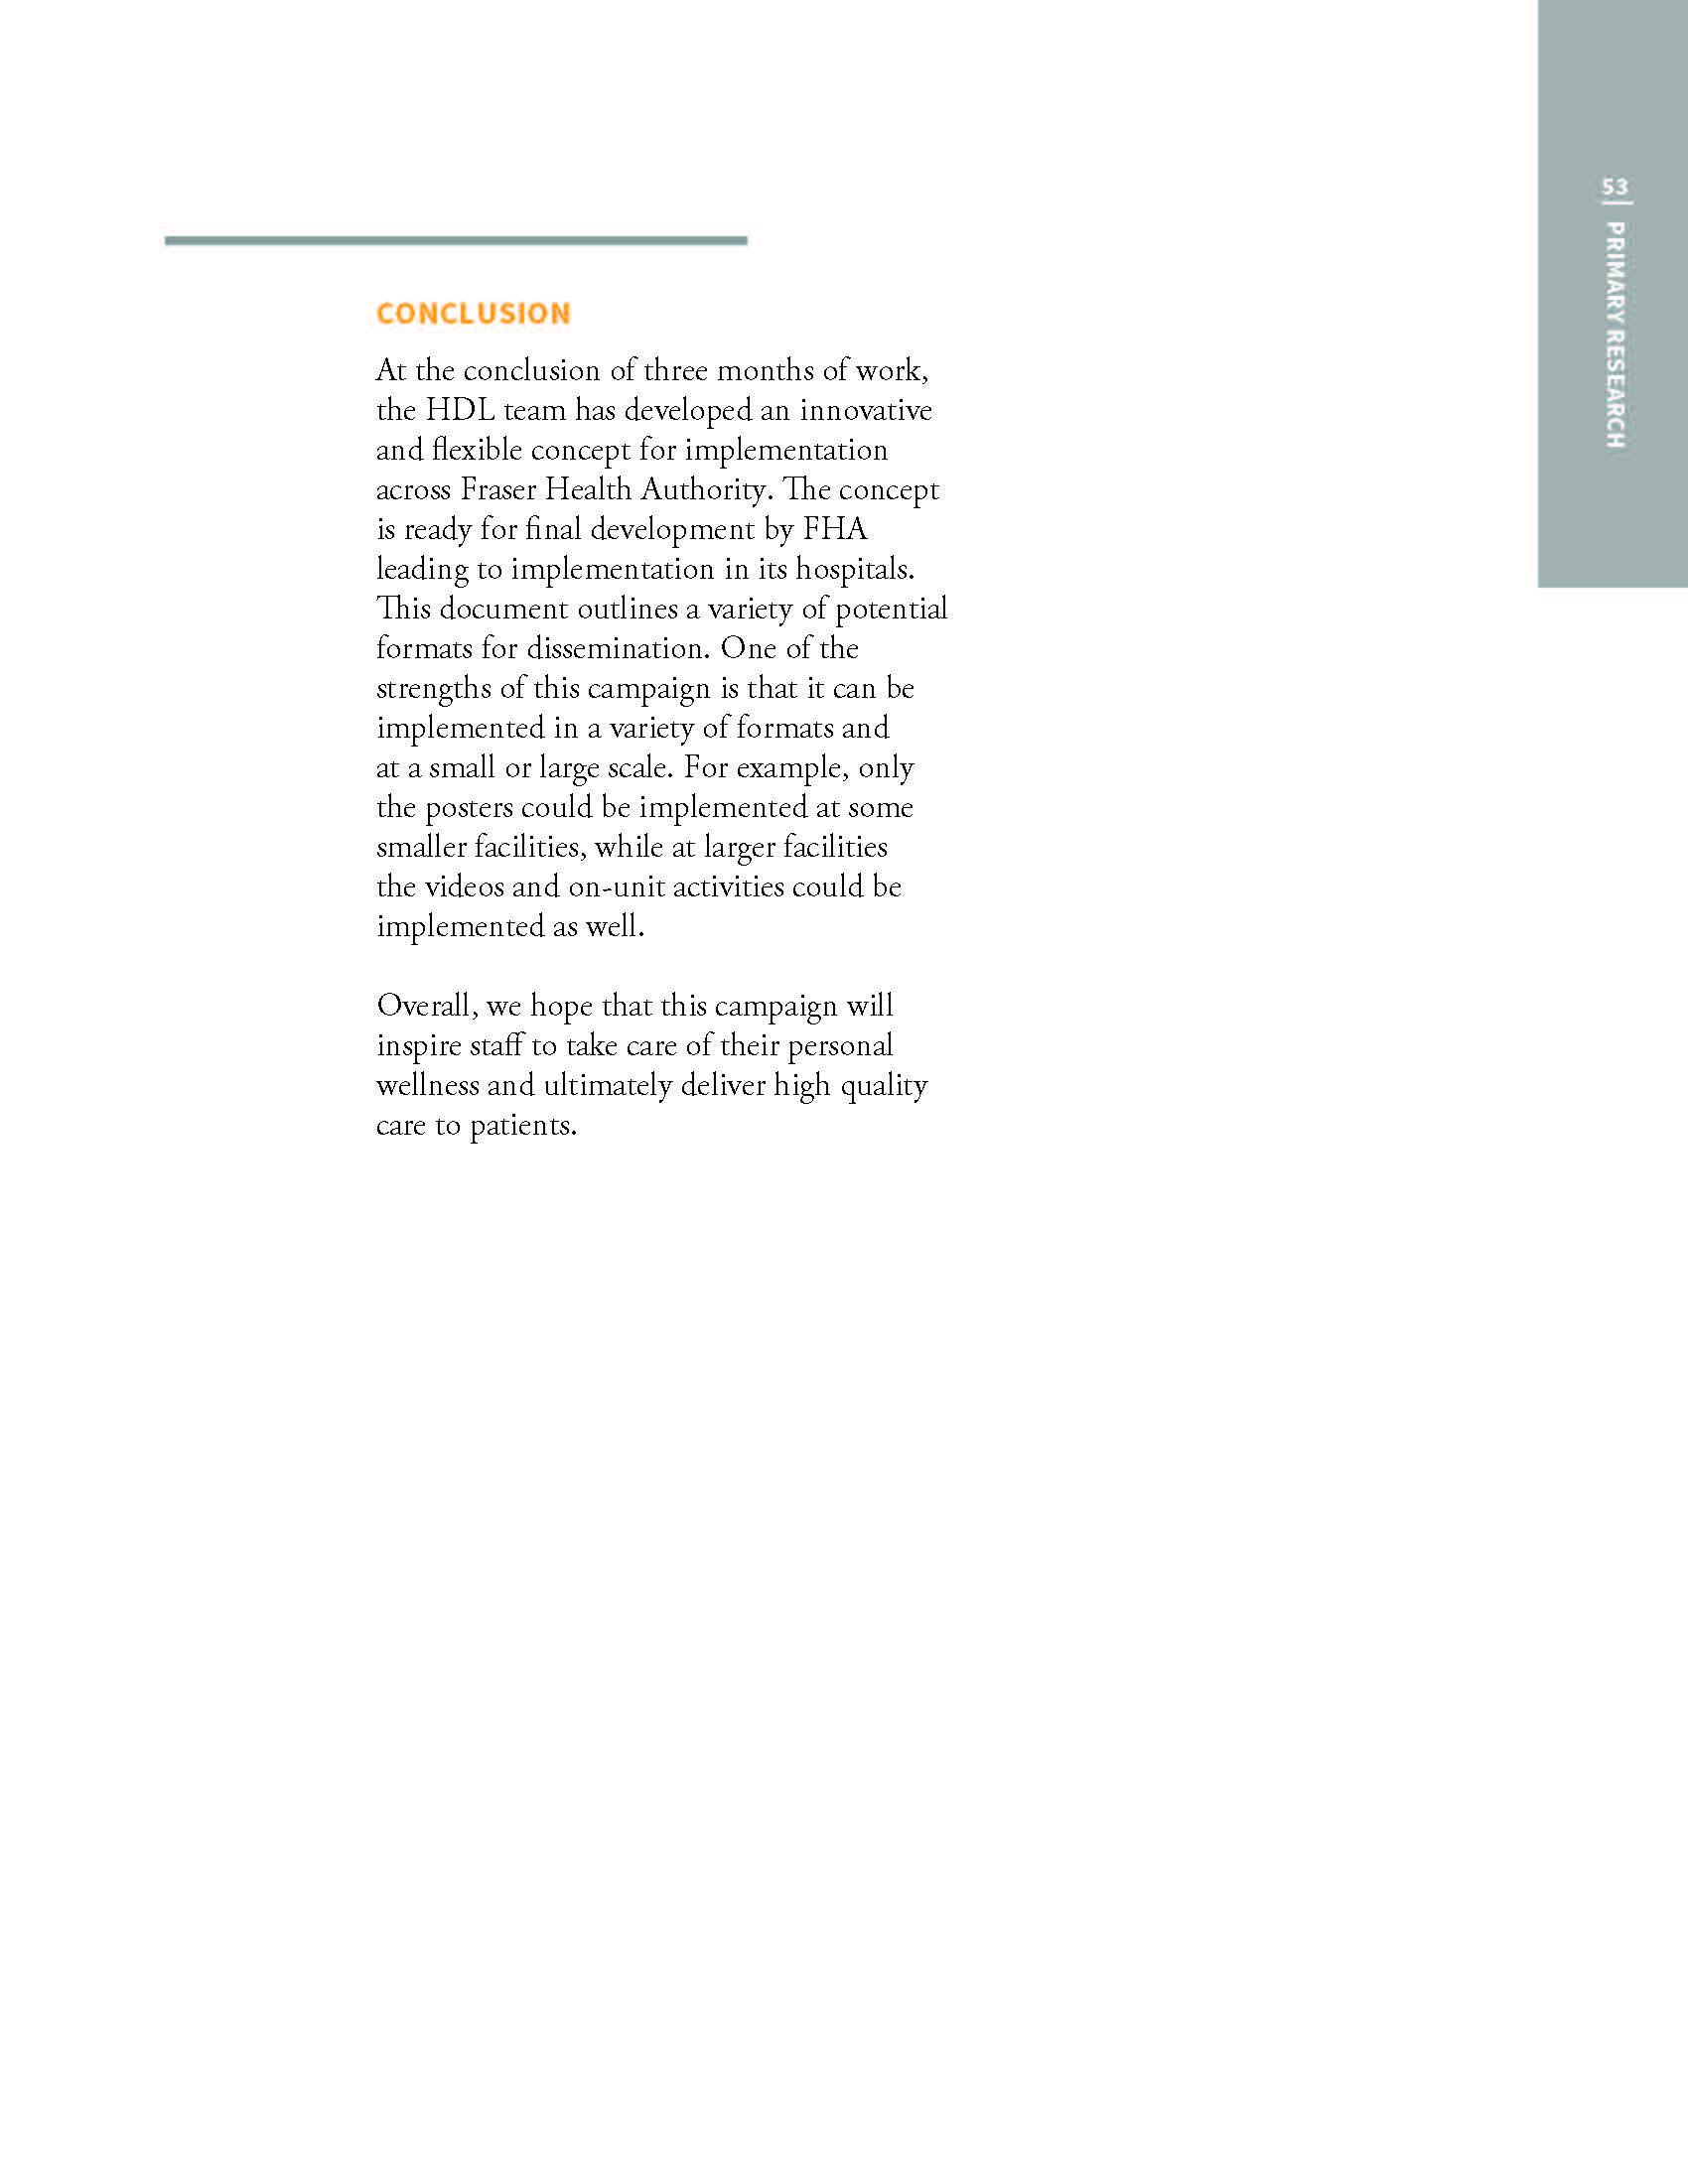 Copy of HDL_Fraser_Health_V4_Page_53.jpg